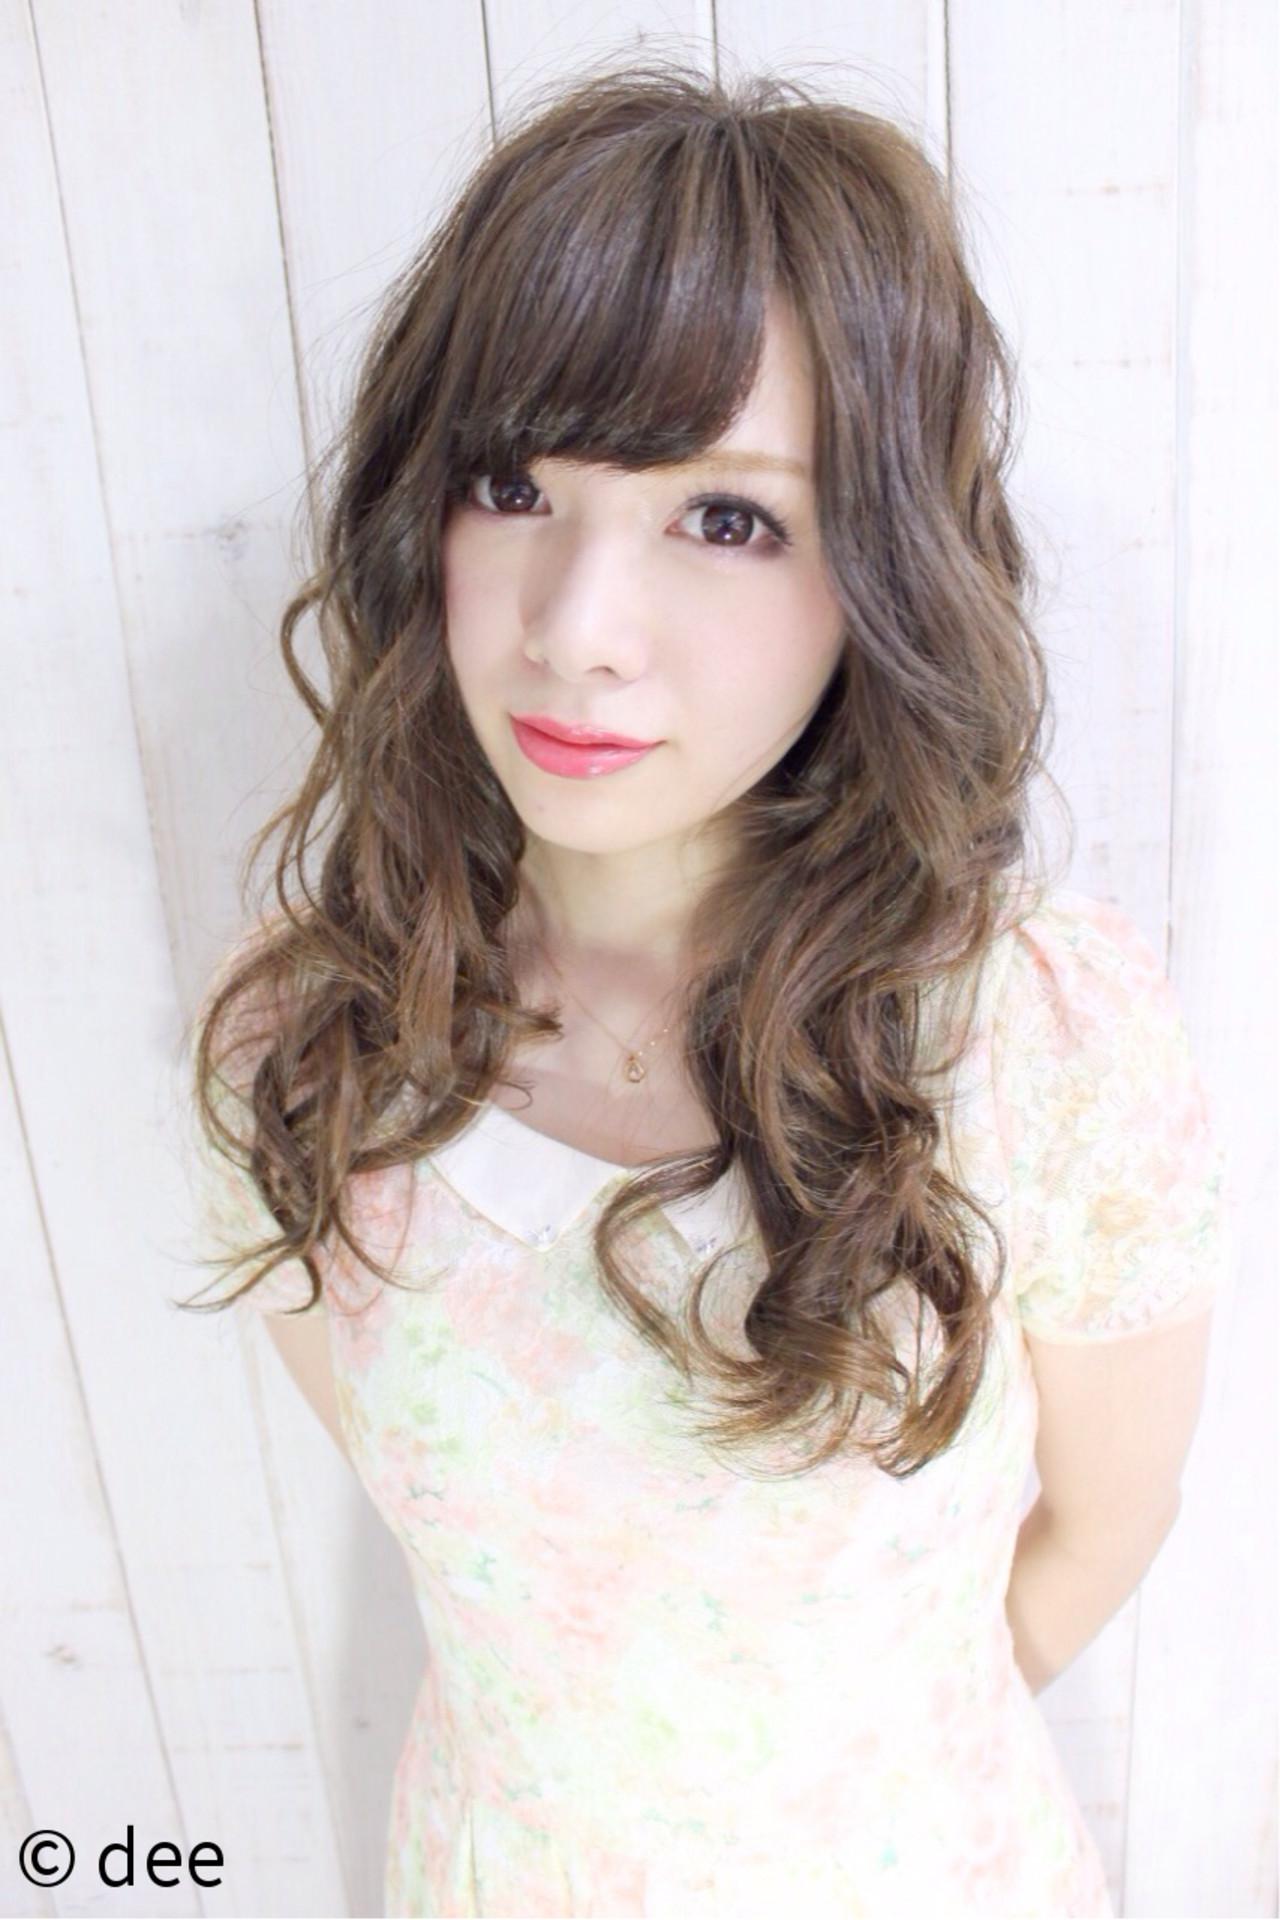 ナチュラル モテ髪 アッシュ ロング ヘアスタイルや髪型の写真・画像   dee / dee